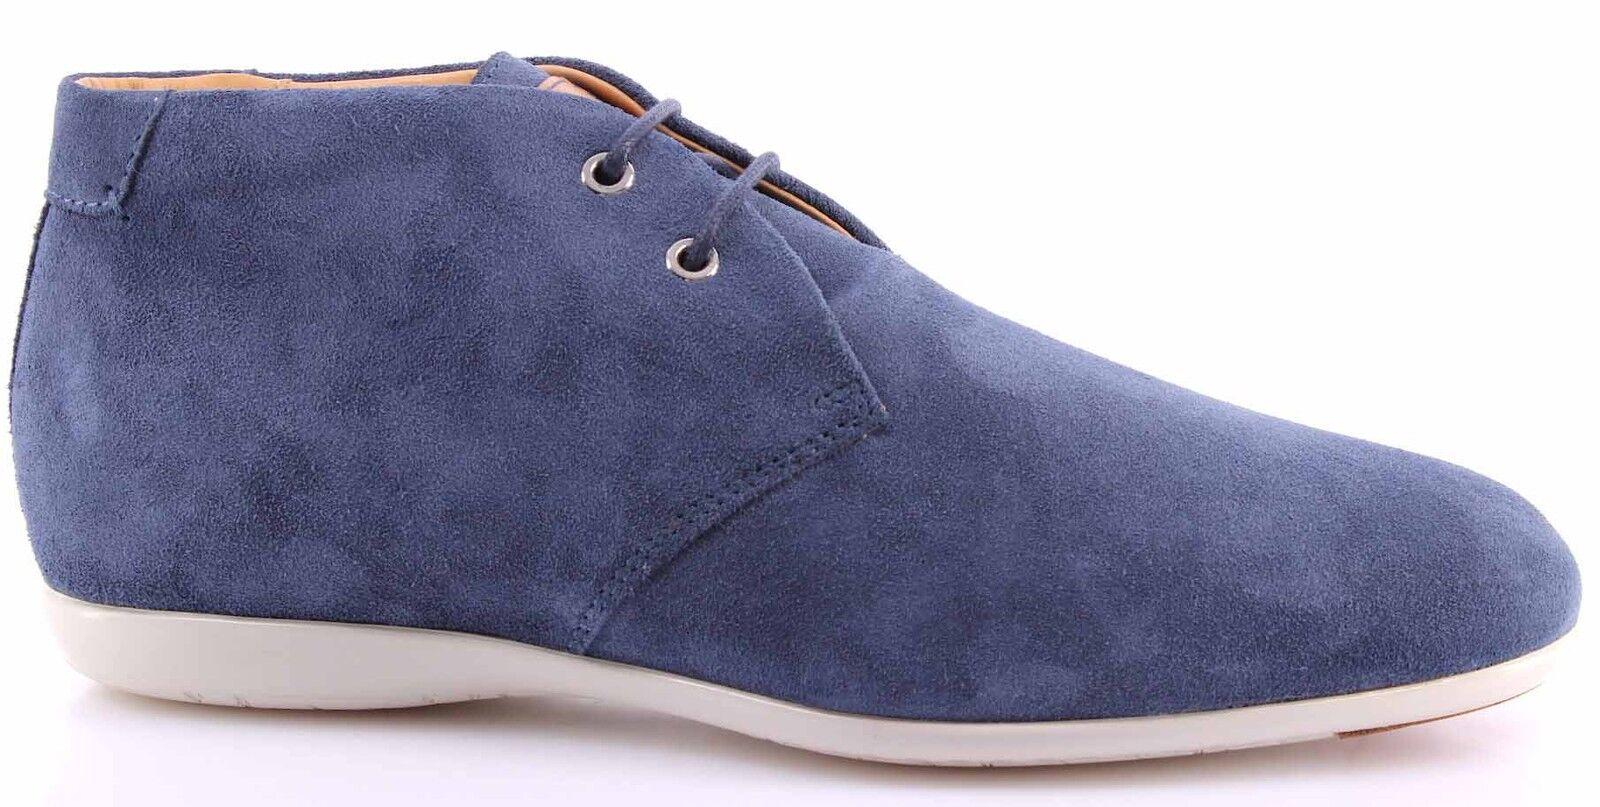 Uomo Ankle Stivali SANTONI Camoscio Blu Lusso Qualità Made In Italy Nuove